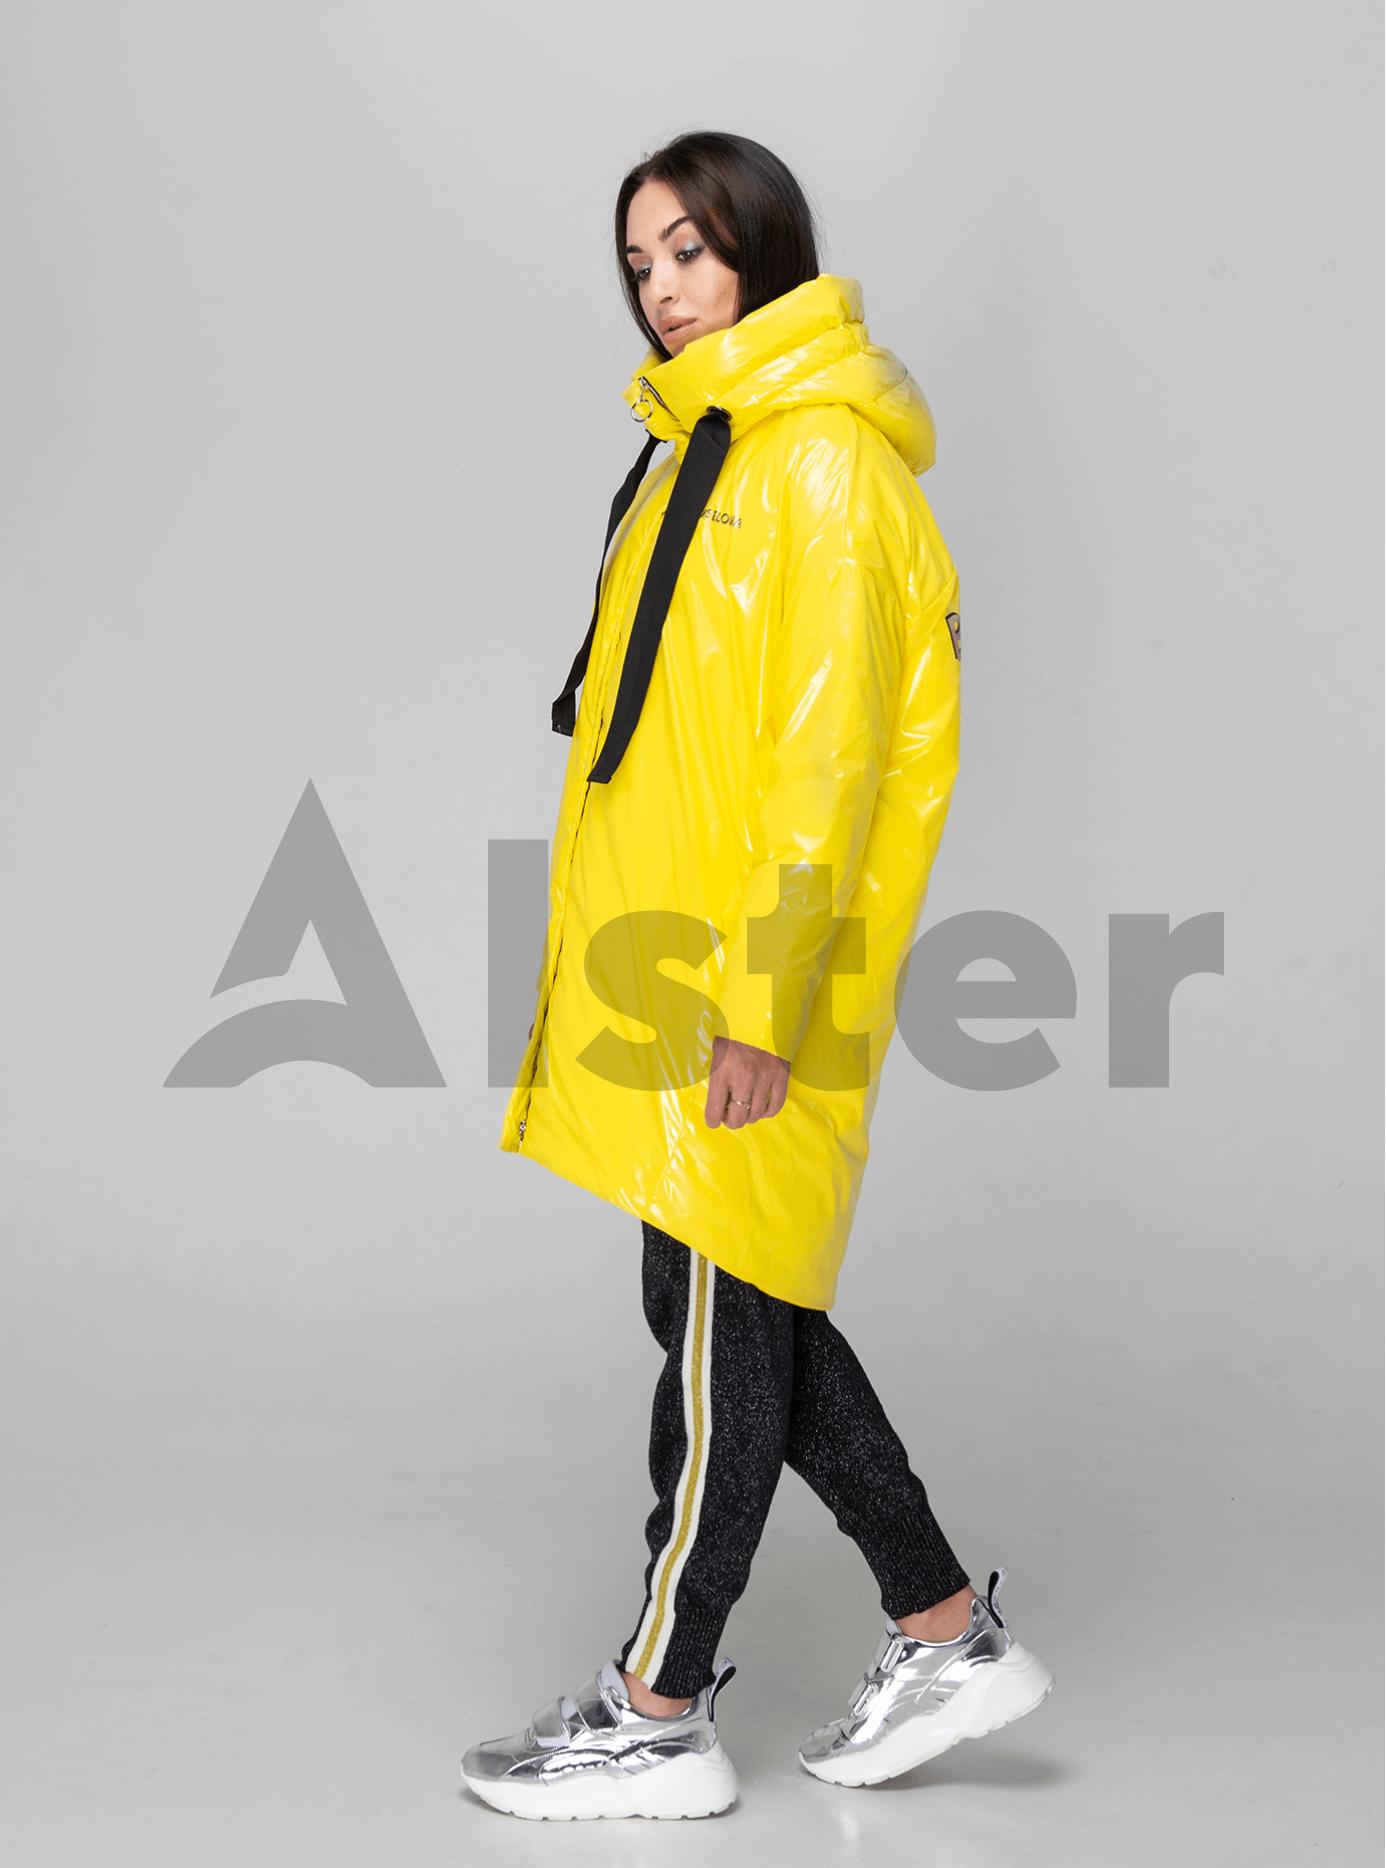 Куртка зимняя длинная с объемными рукавами Жёлтый M (02-V191117): фото - Alster.ua